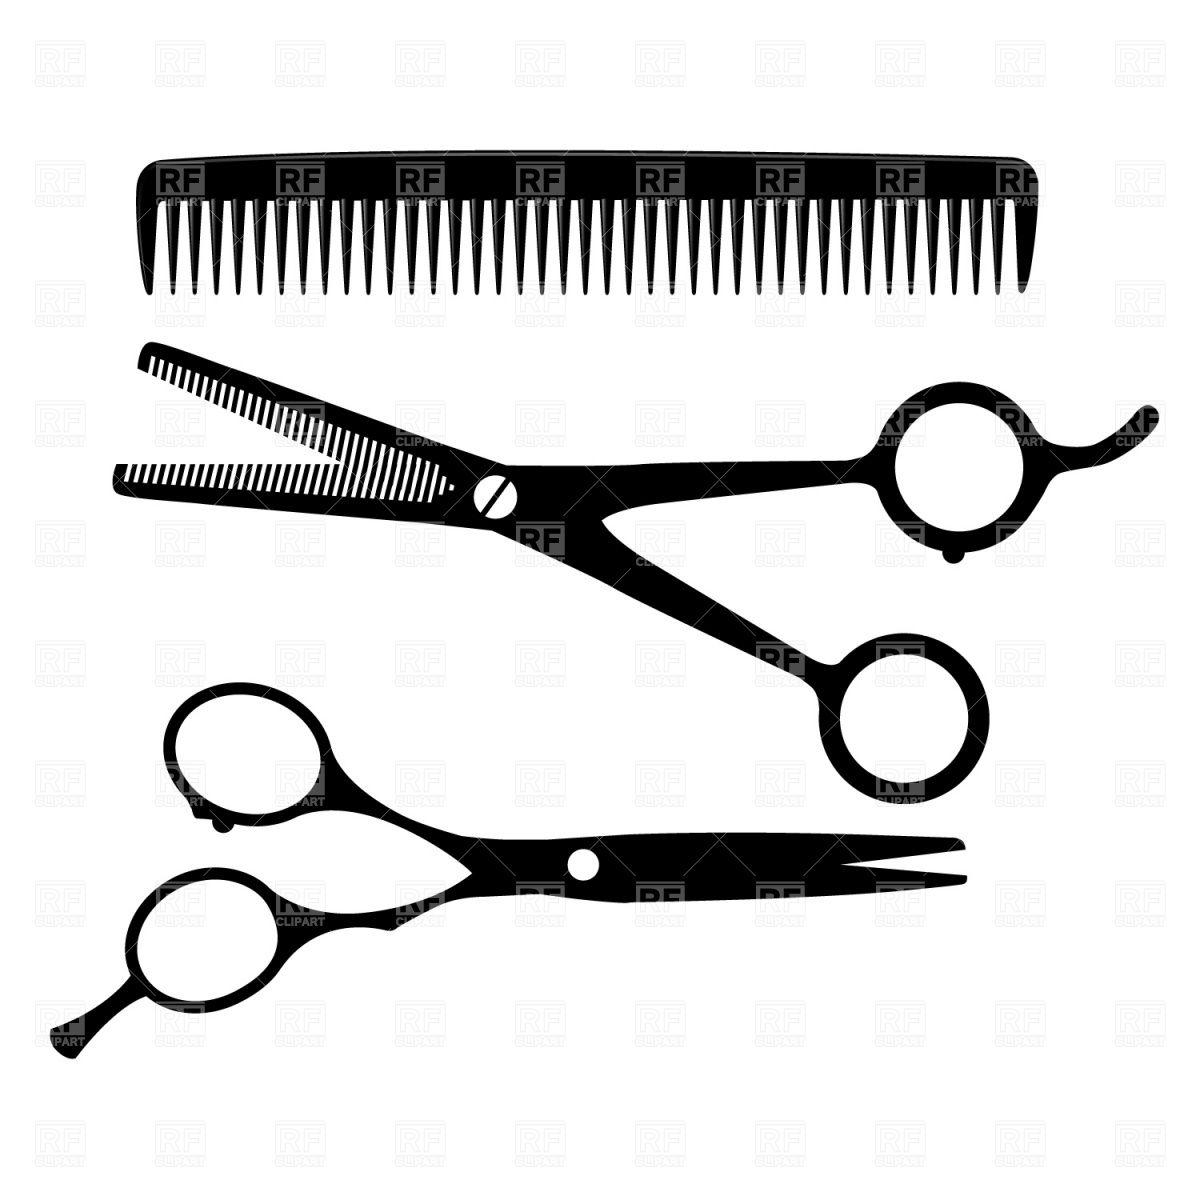 Scissors Clip Art Free Hairstylist Tattoos Hairdresser Hair Stylist Life